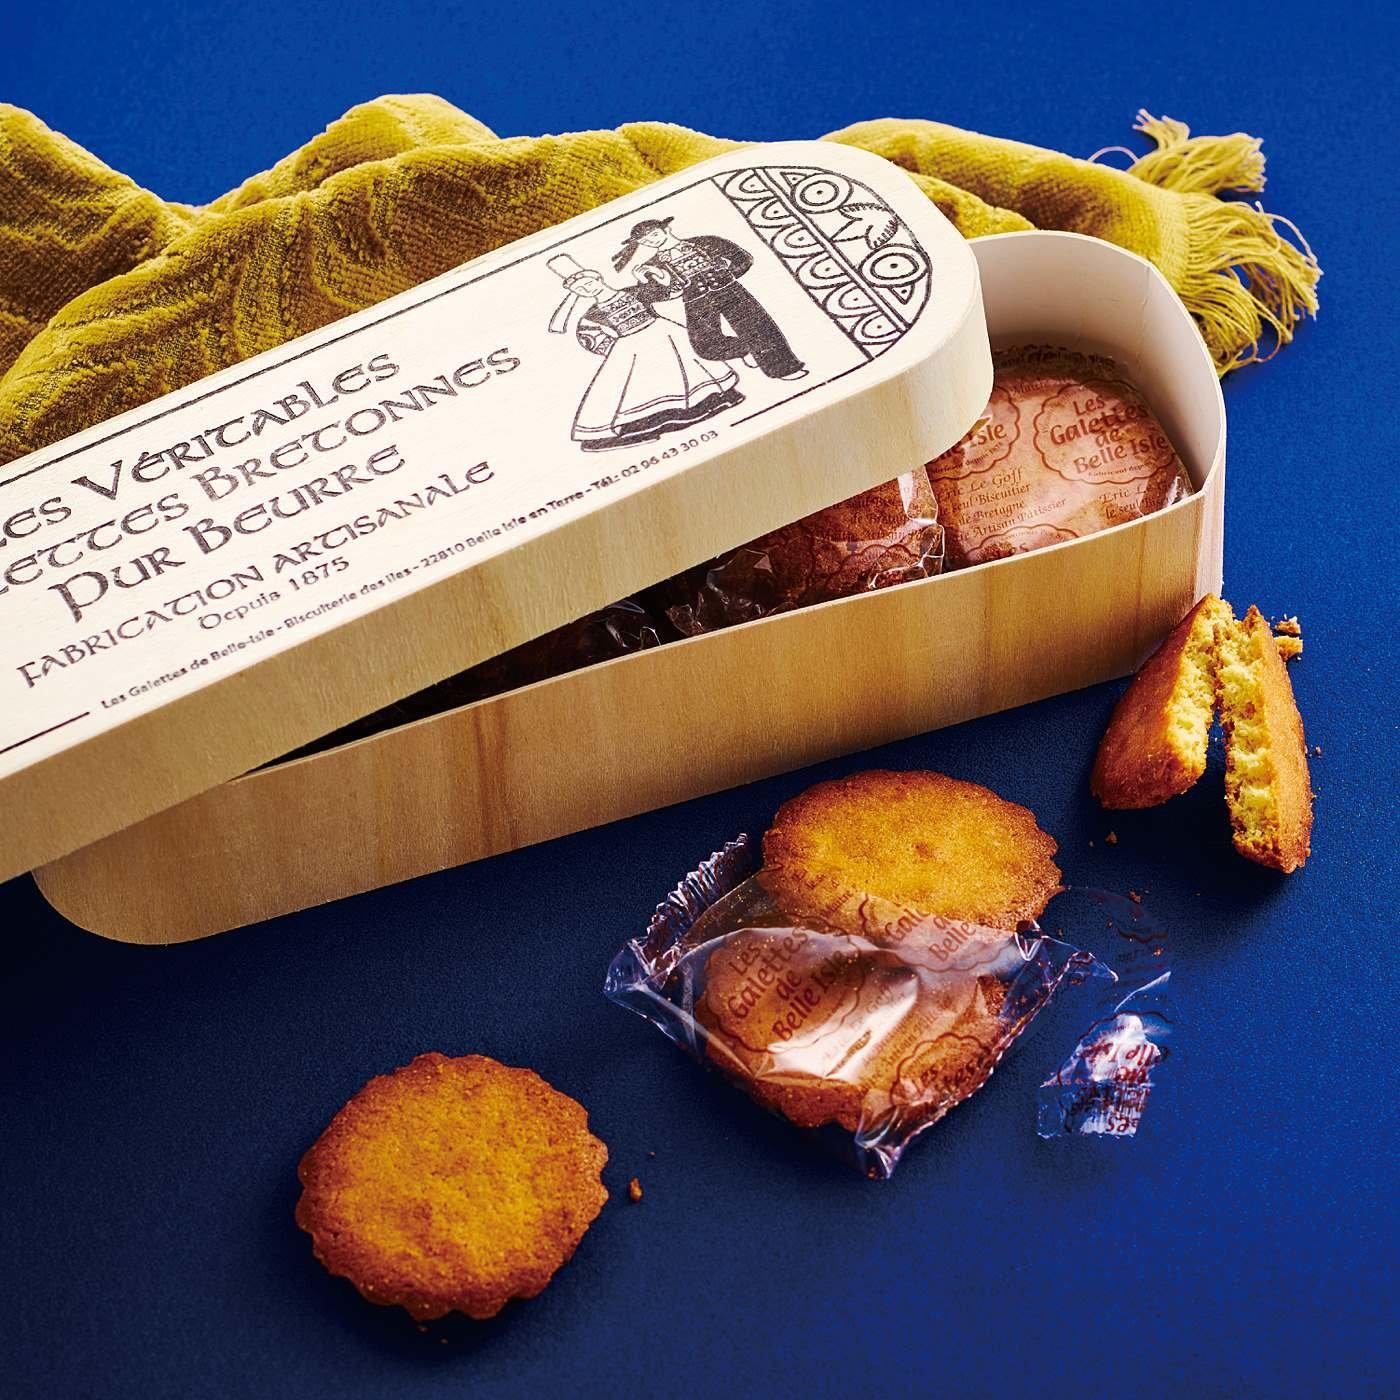 ビスケトリー ダ リル ブルターニュのバターガレット